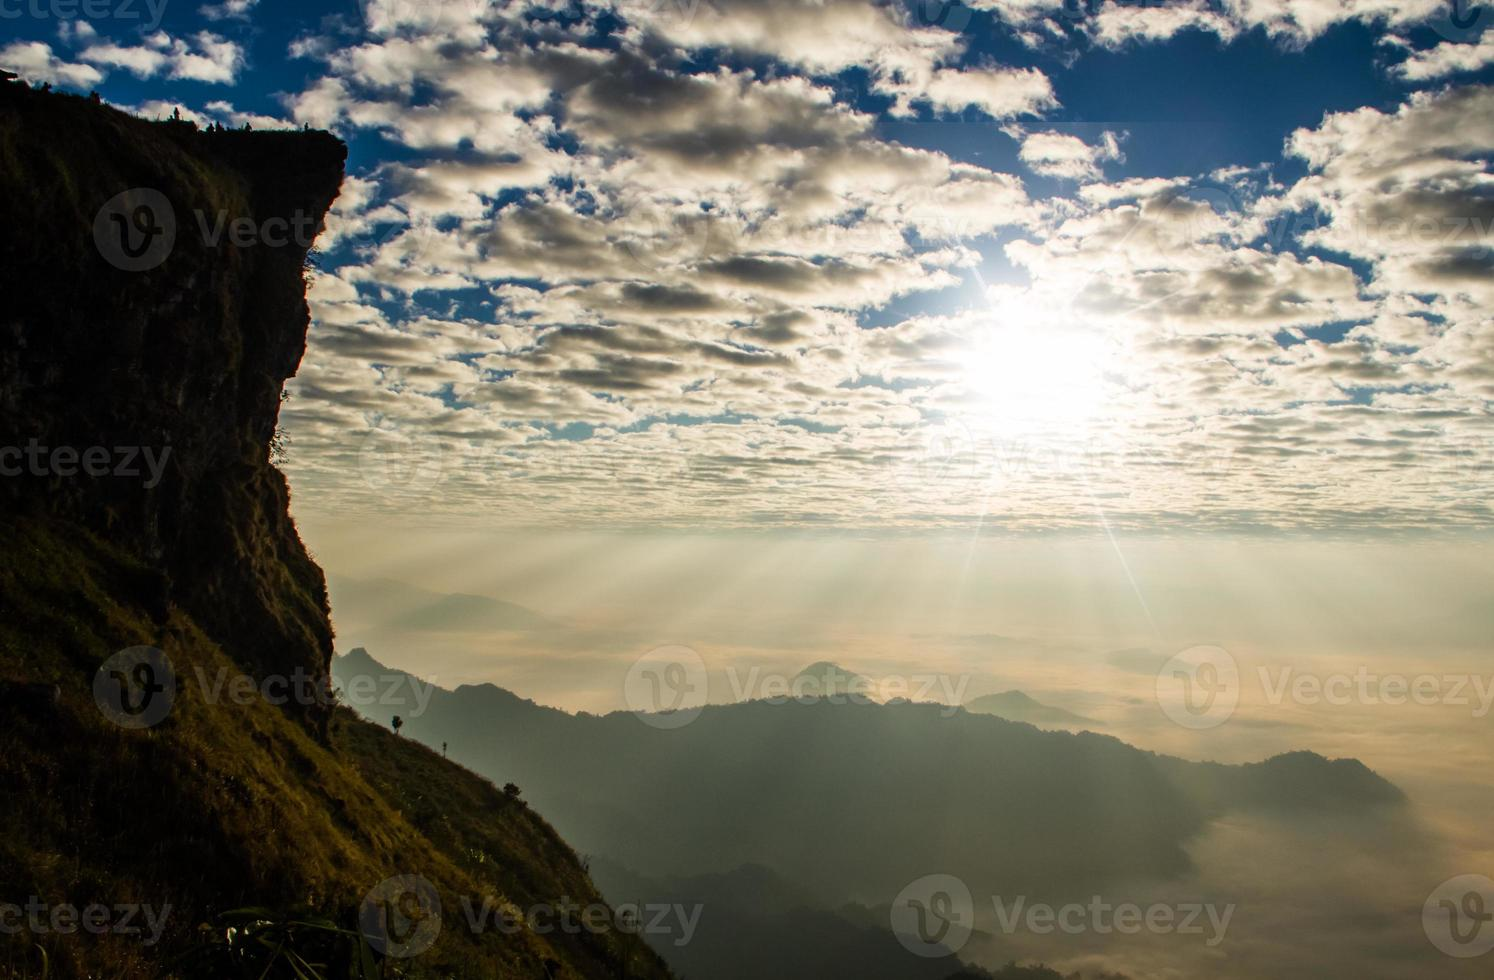 Sonnenaufgang am Hügel. foto